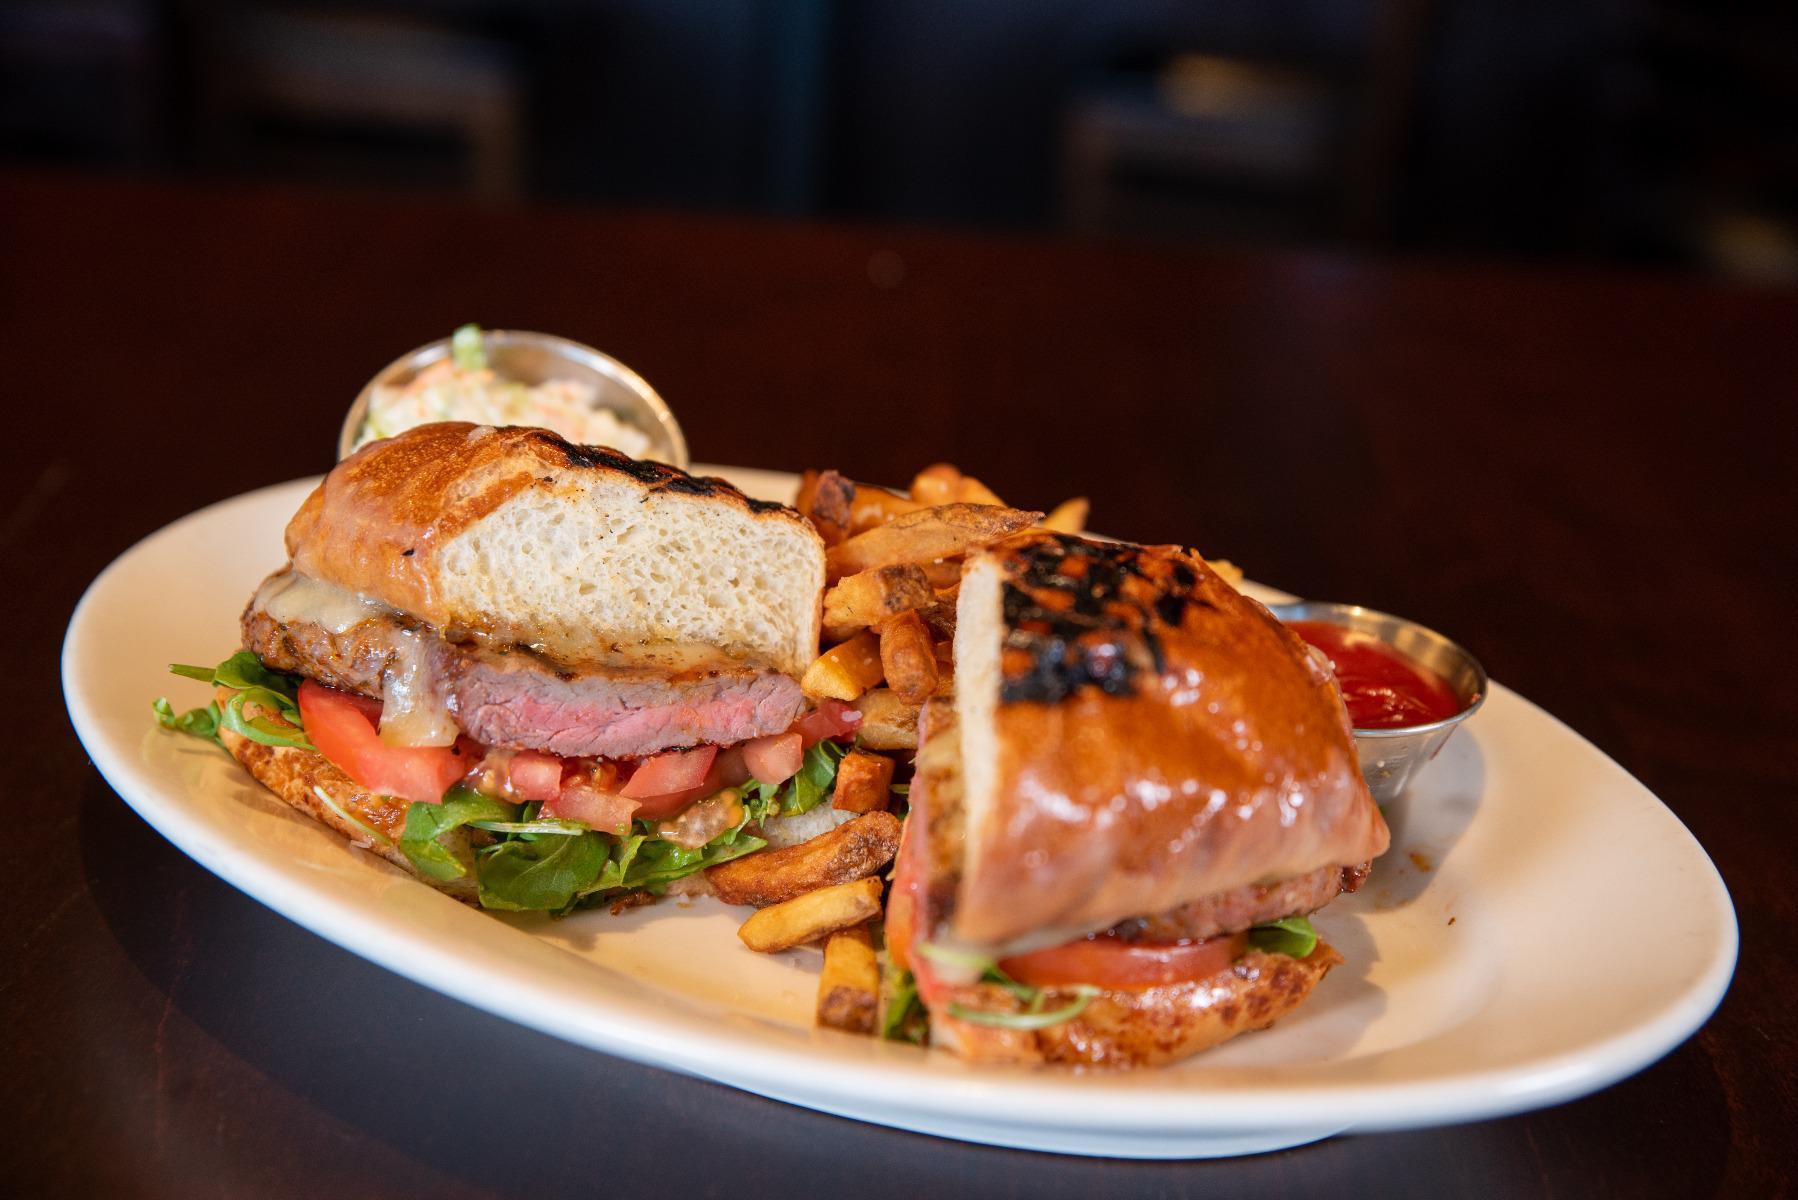 Blackened New York Strip Steak Sandwich